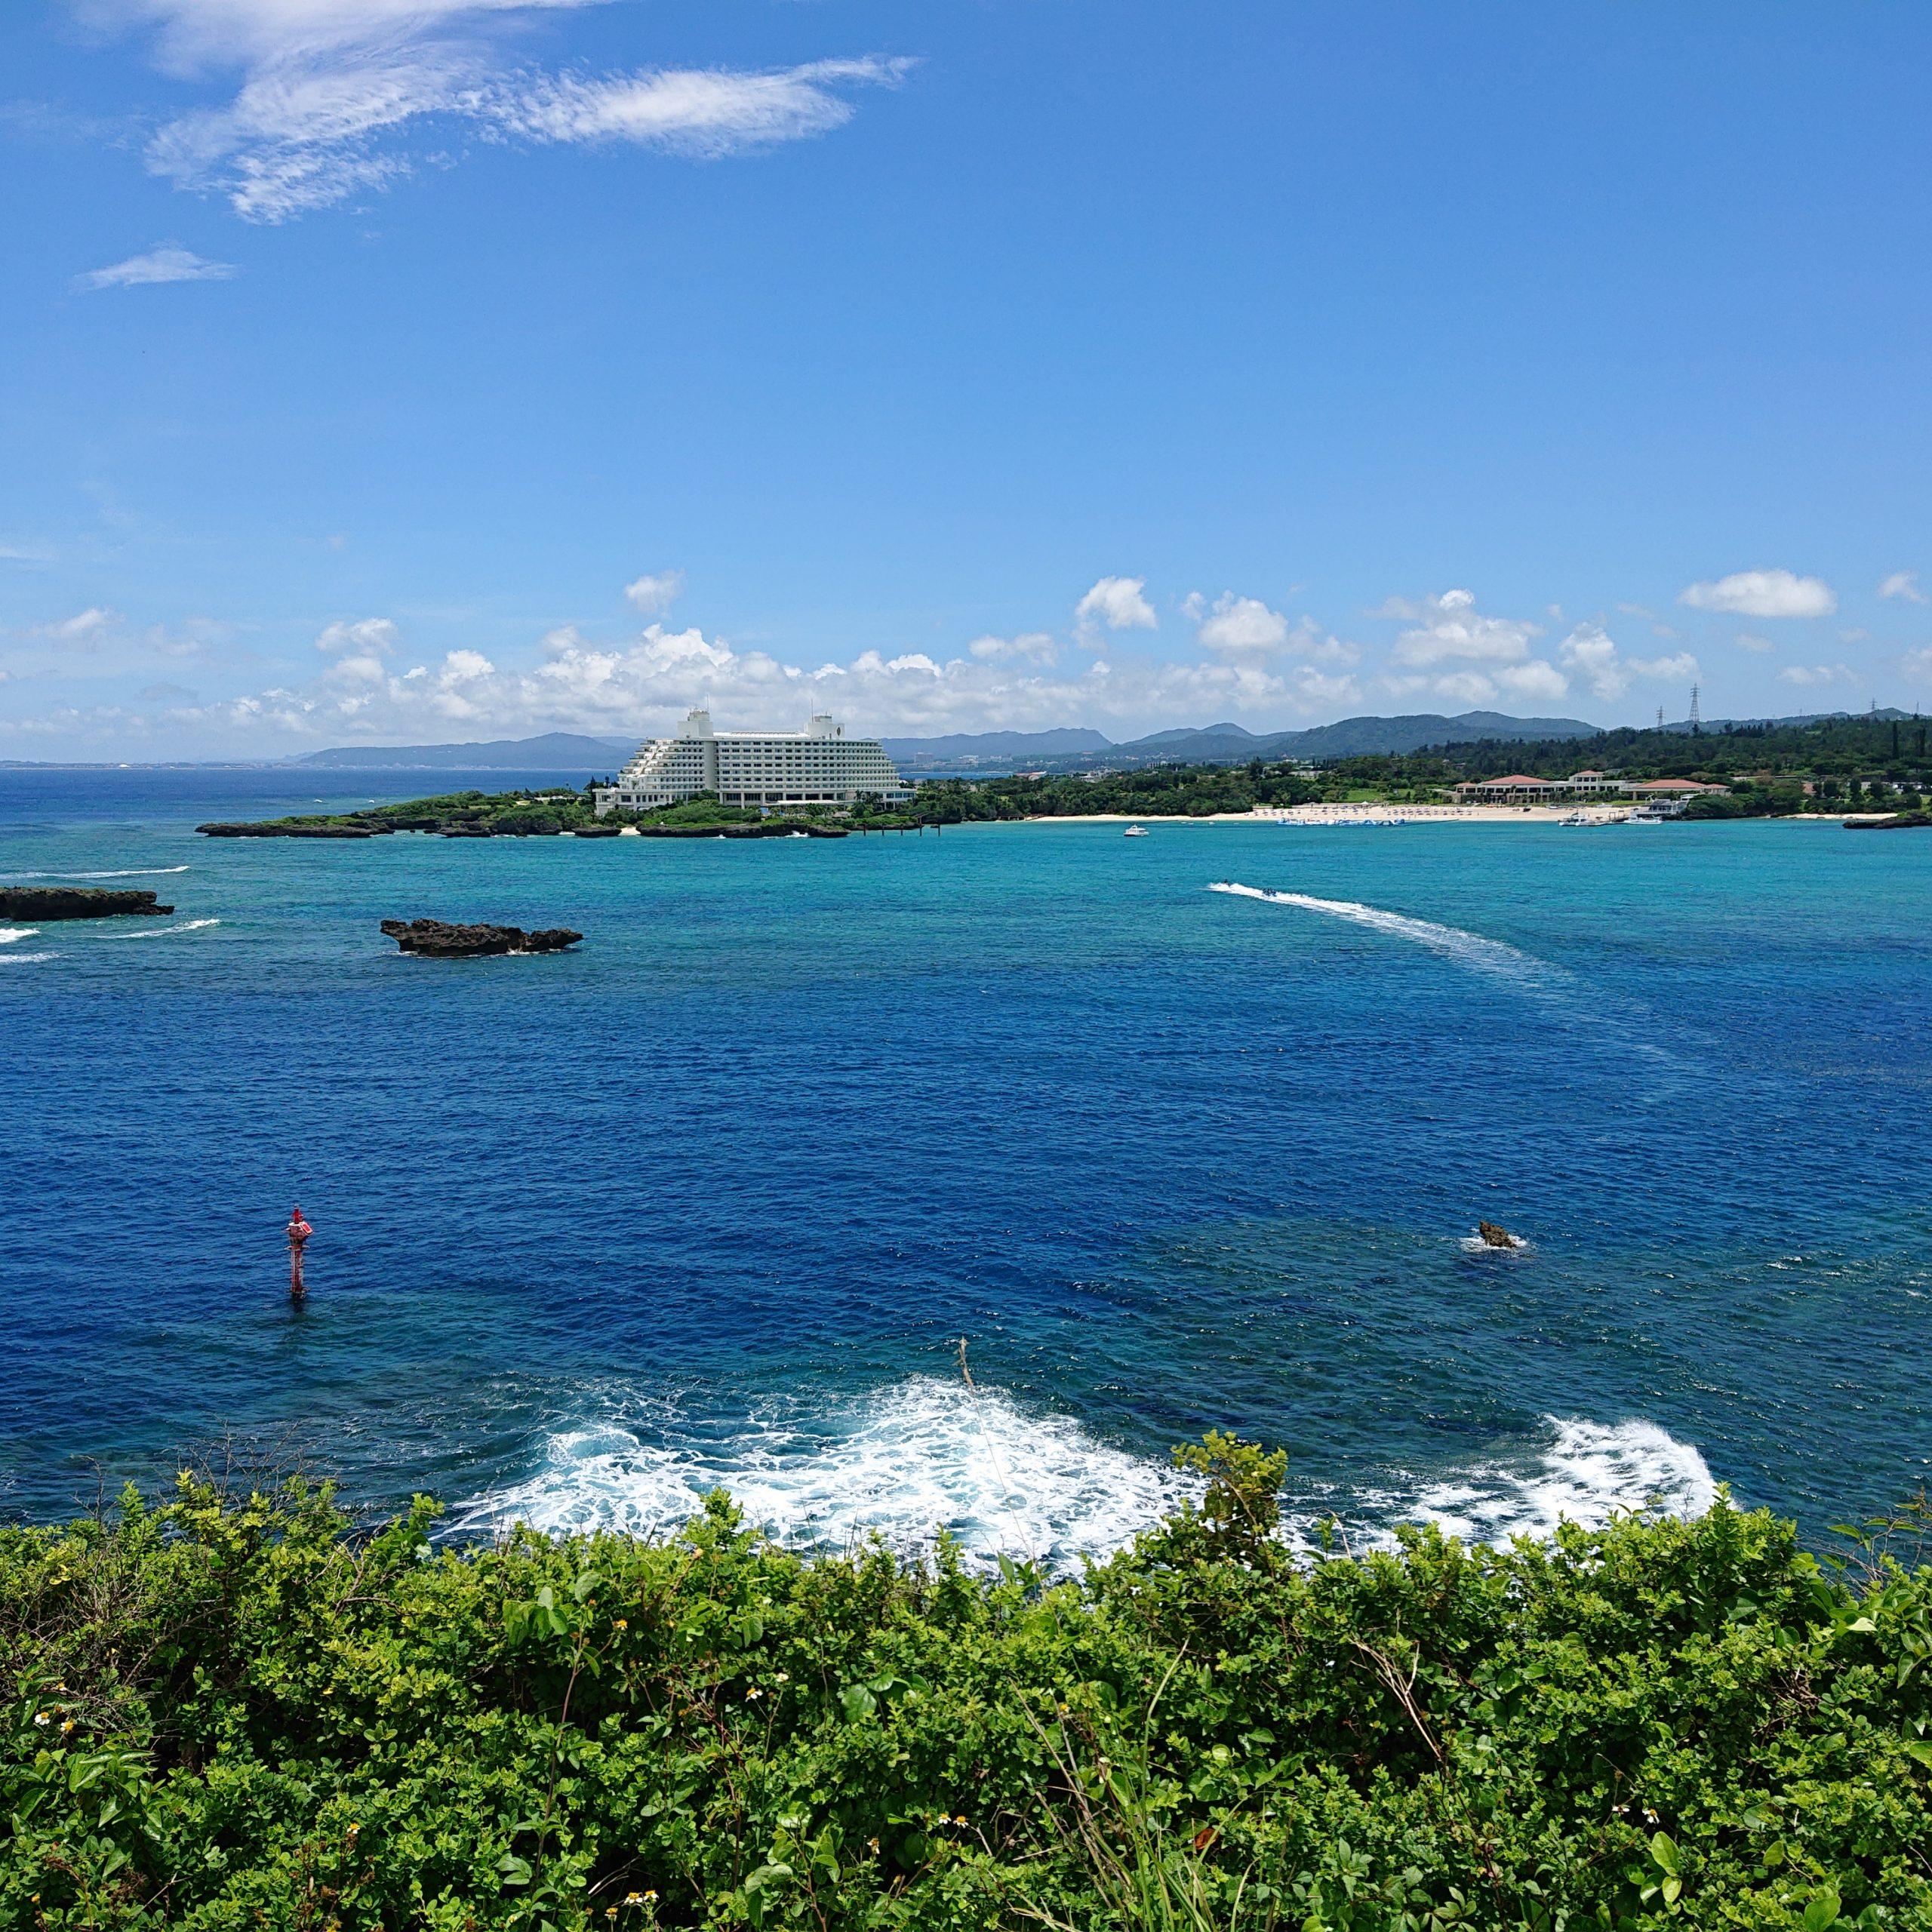 ホテルを望む青い海